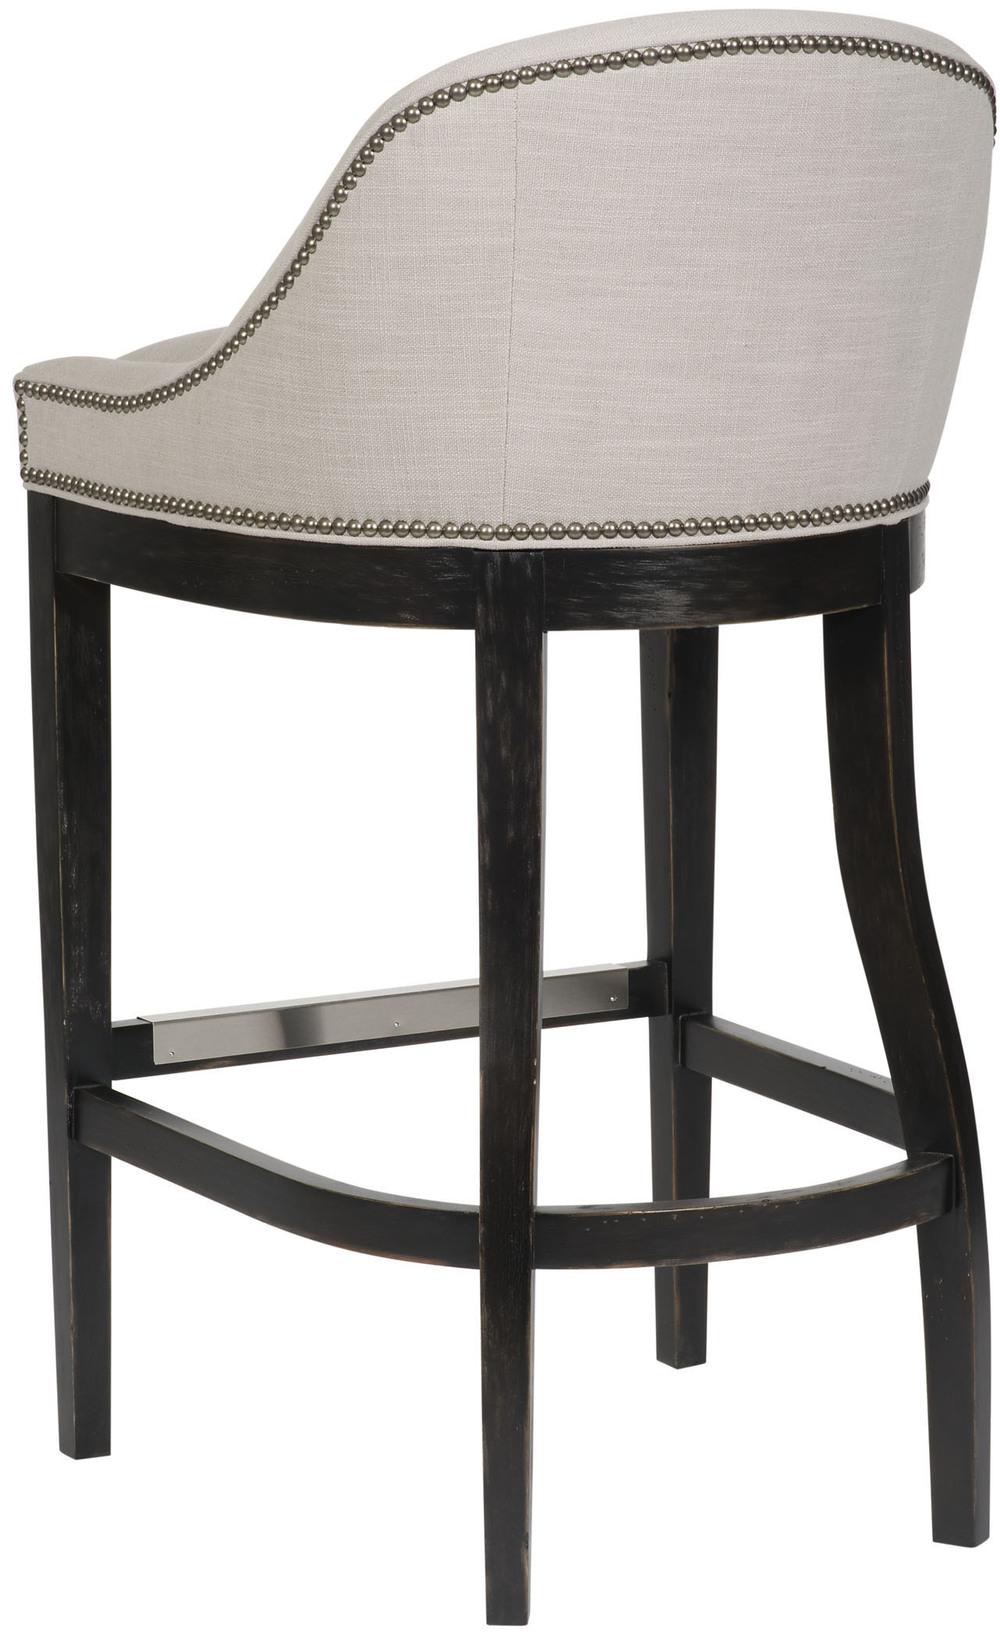 Vanguard Furniture - Calloway Bar Stool